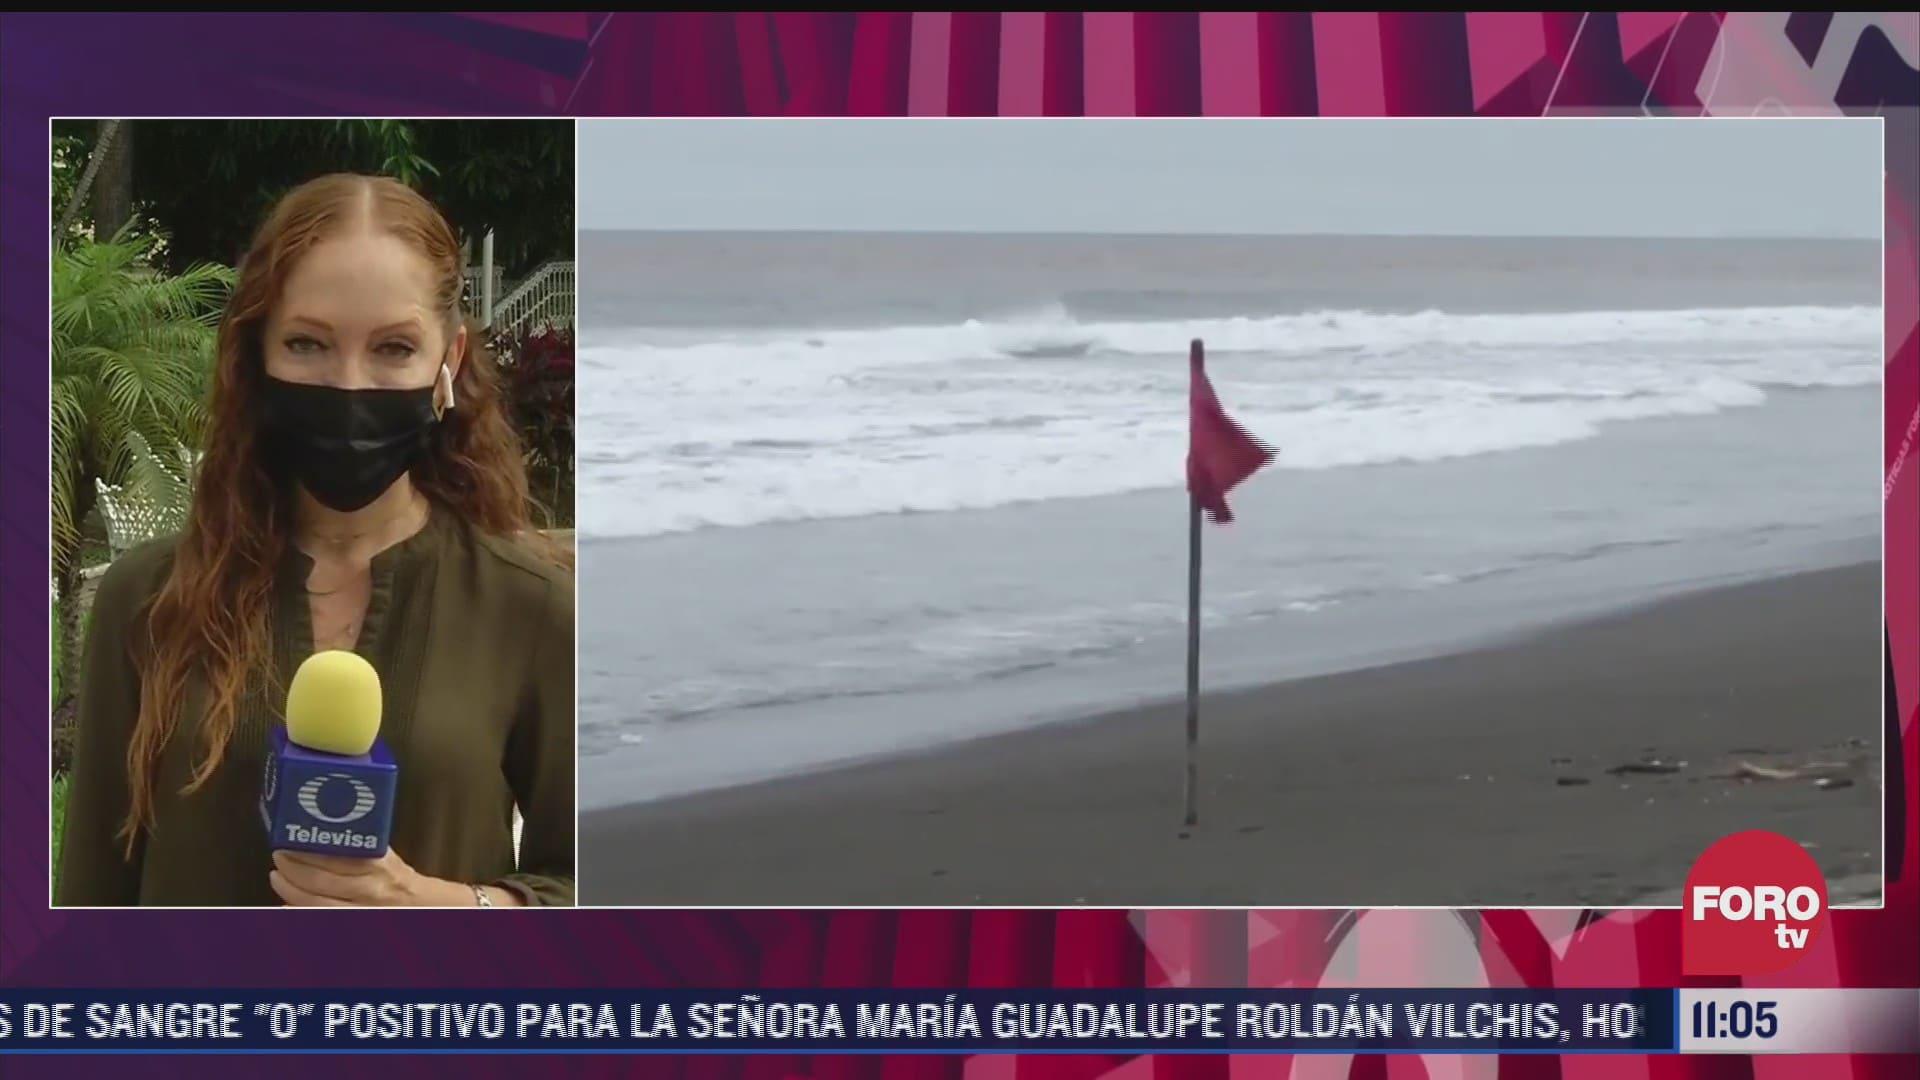 kevin provoca lluvias en colima y varios estados de mexico